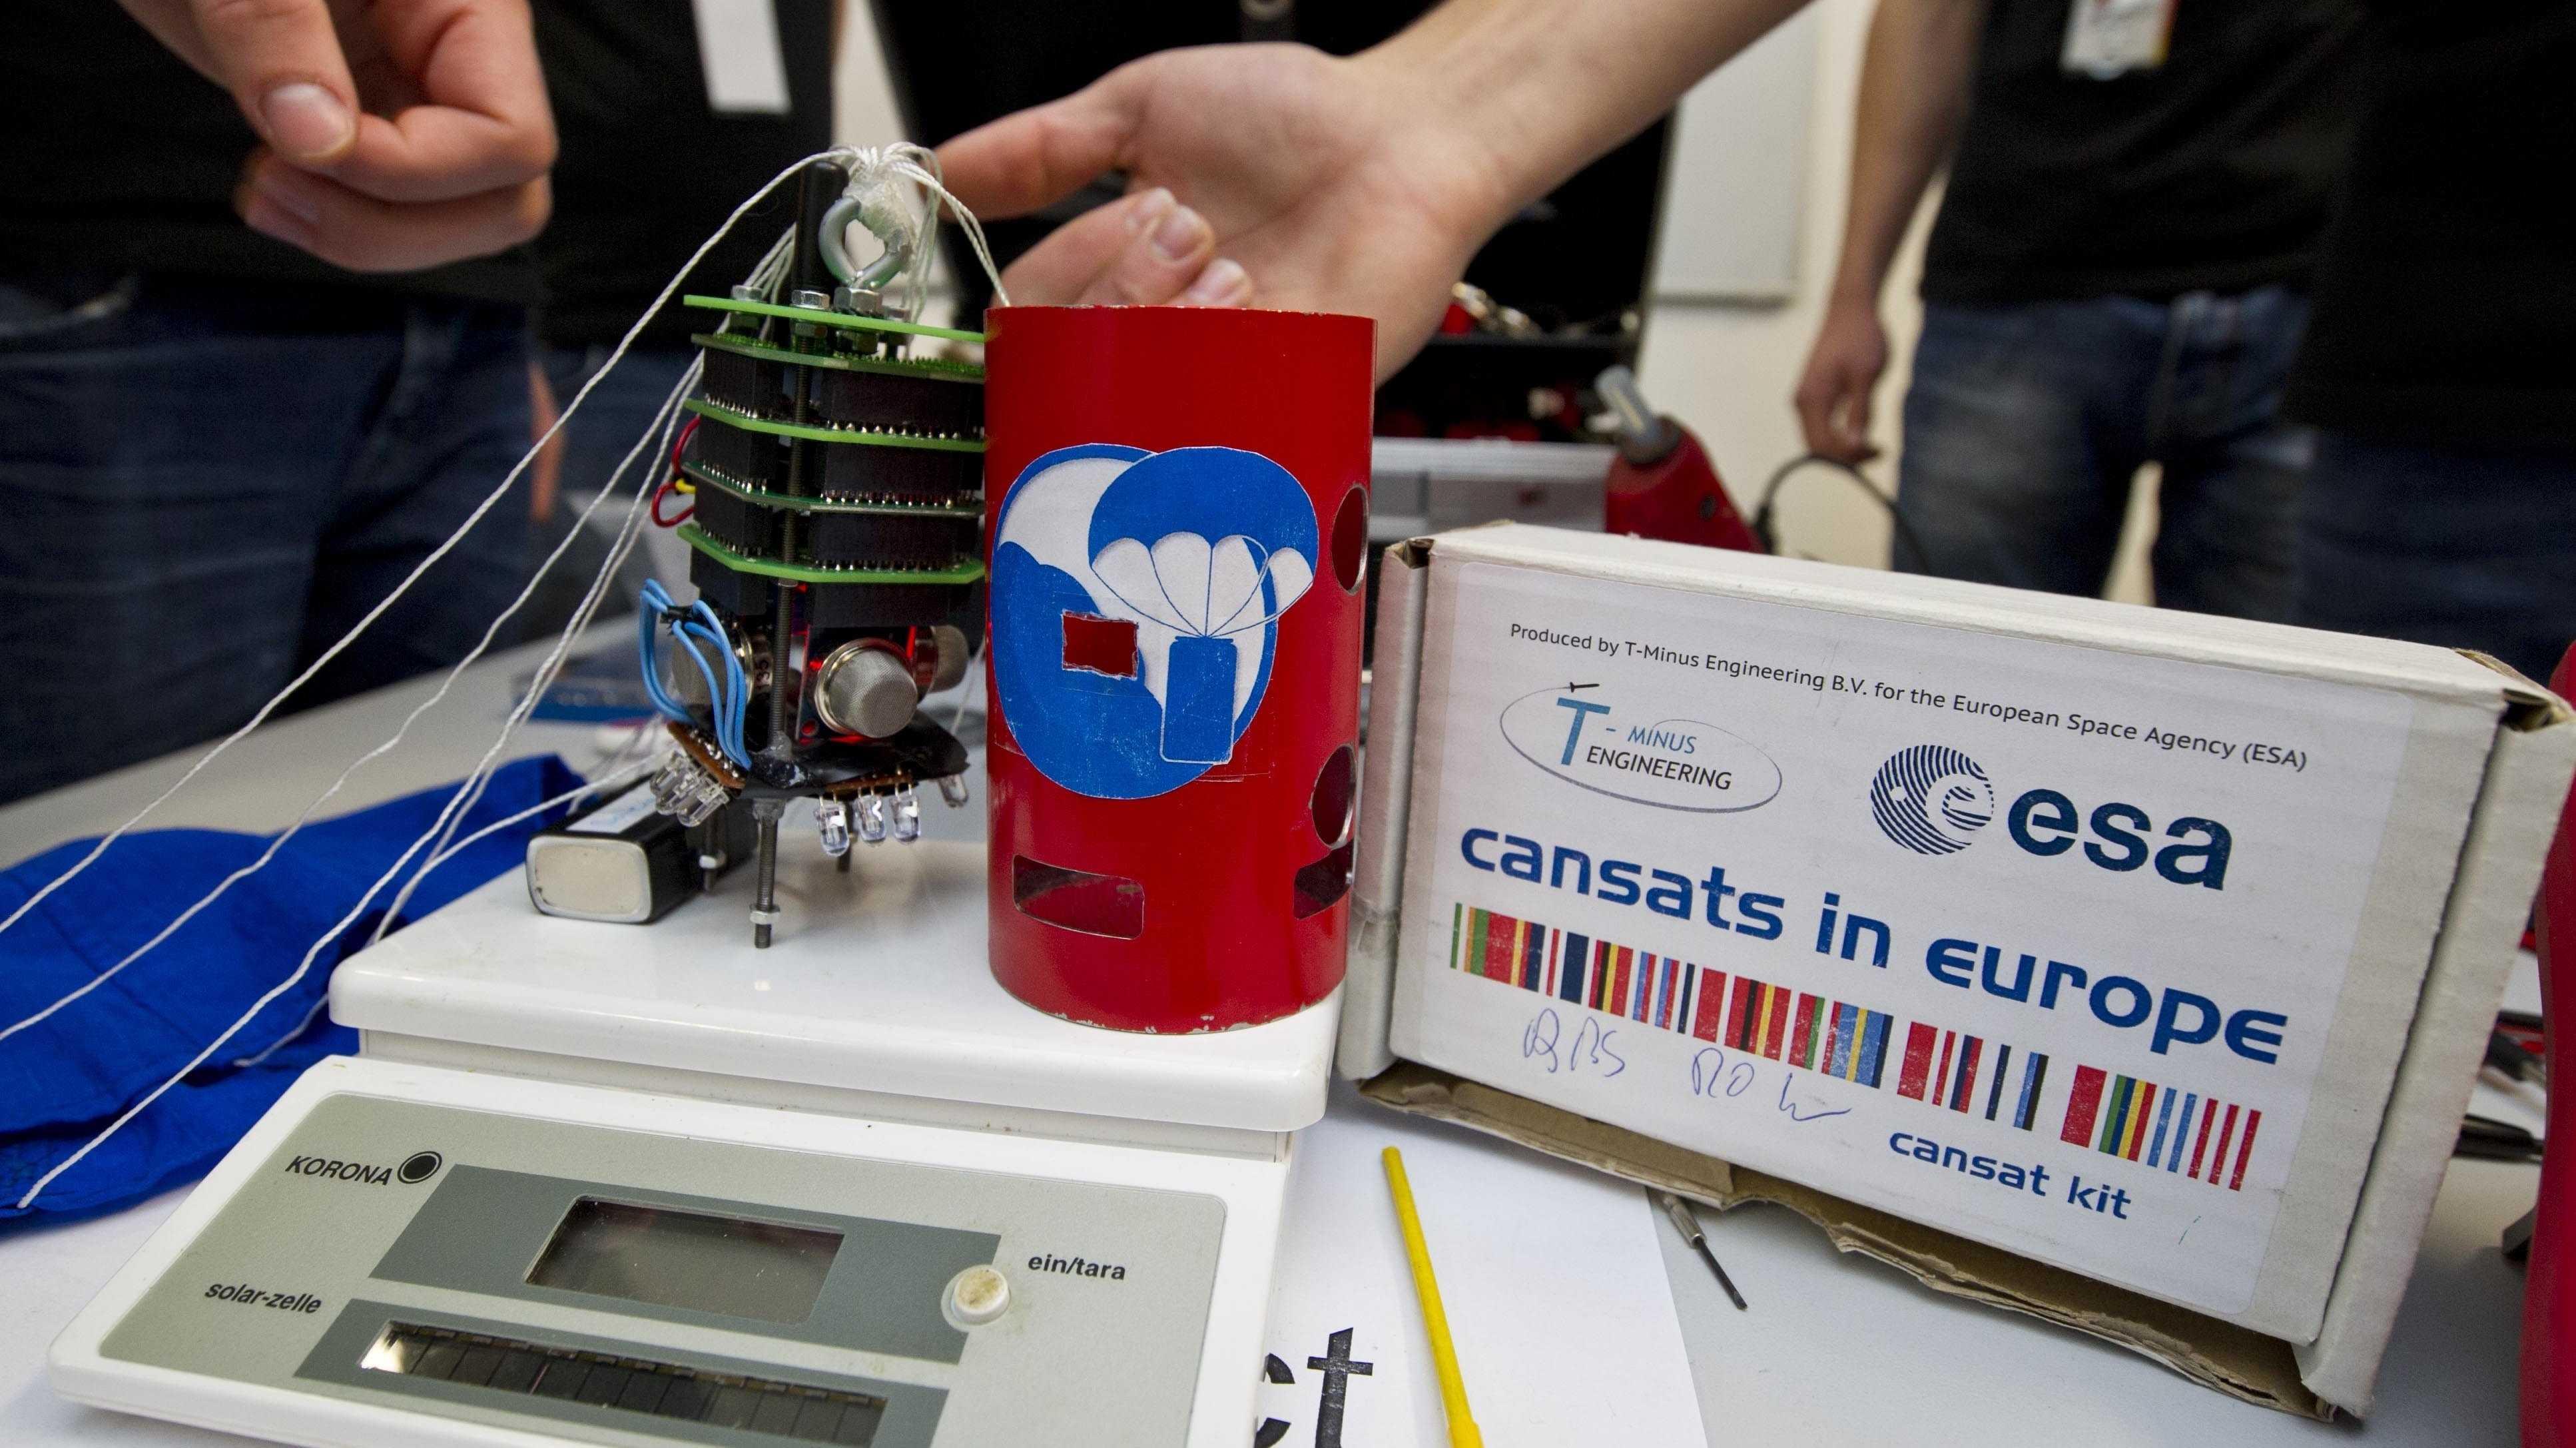 Eine rot-blau-weiße Satelittenhülle in Form einer Getränkedose und ihr elektronisches Innenleben auf einer Waage